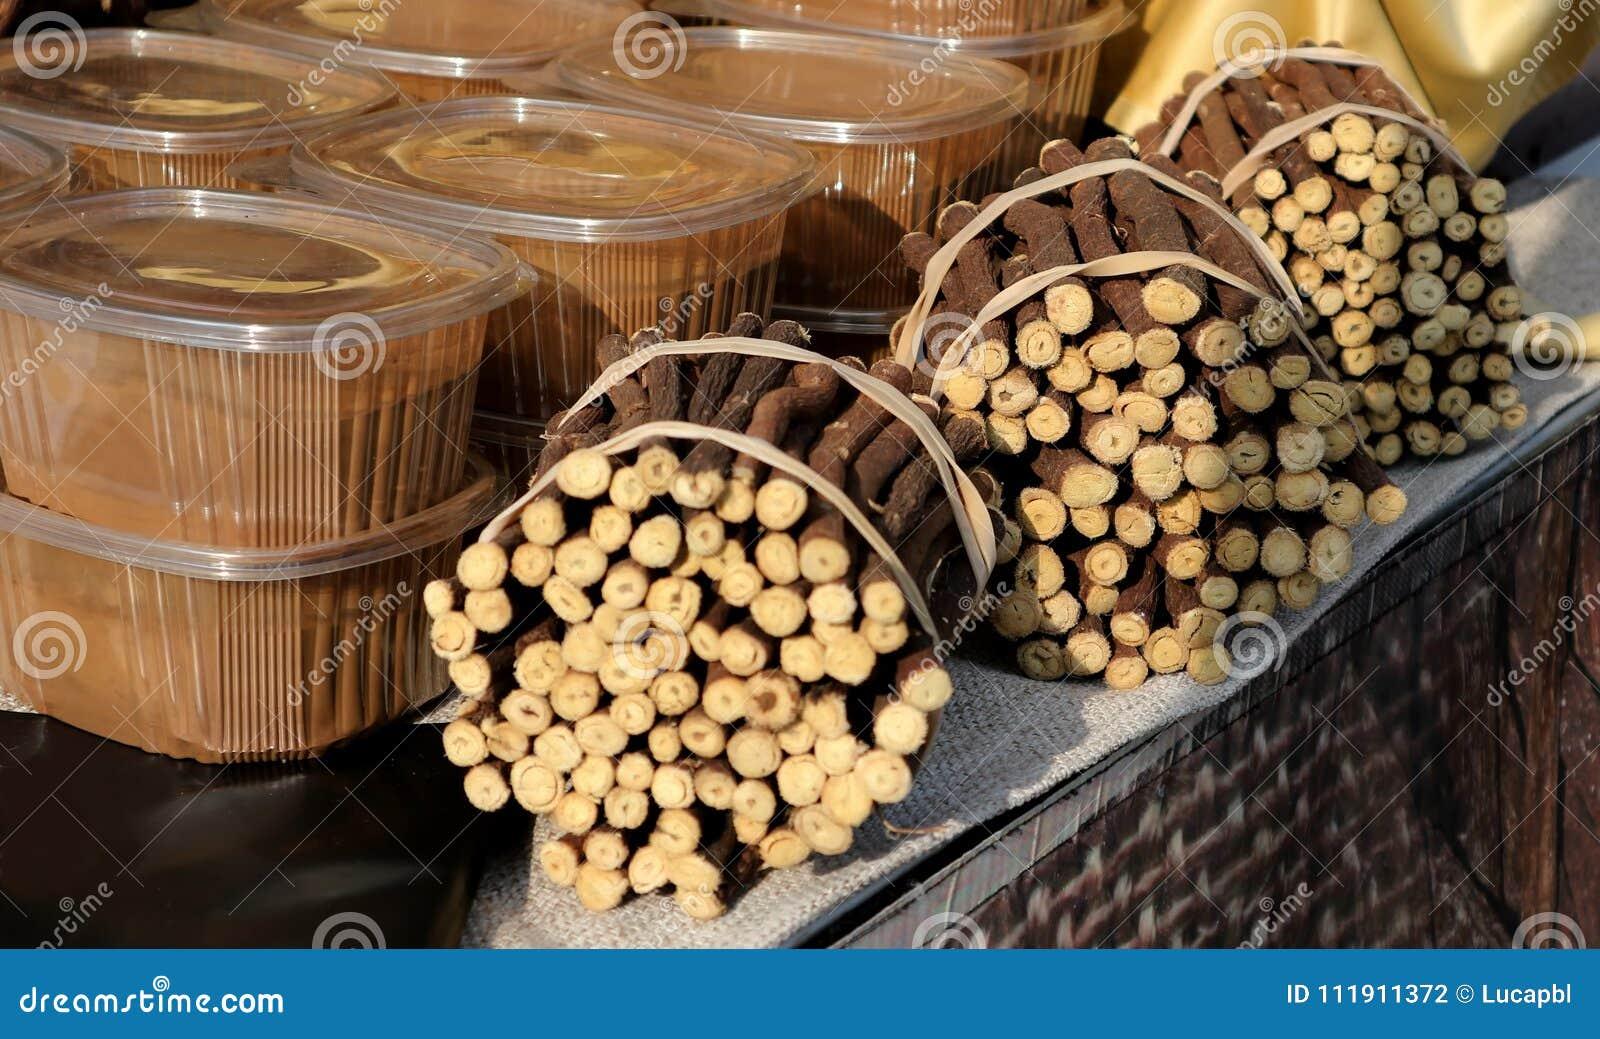 Süßholzwurzeln gebunden und transparente Behälter des Süßholzextraktes Engagiertes Regal in einem lokalen Markt